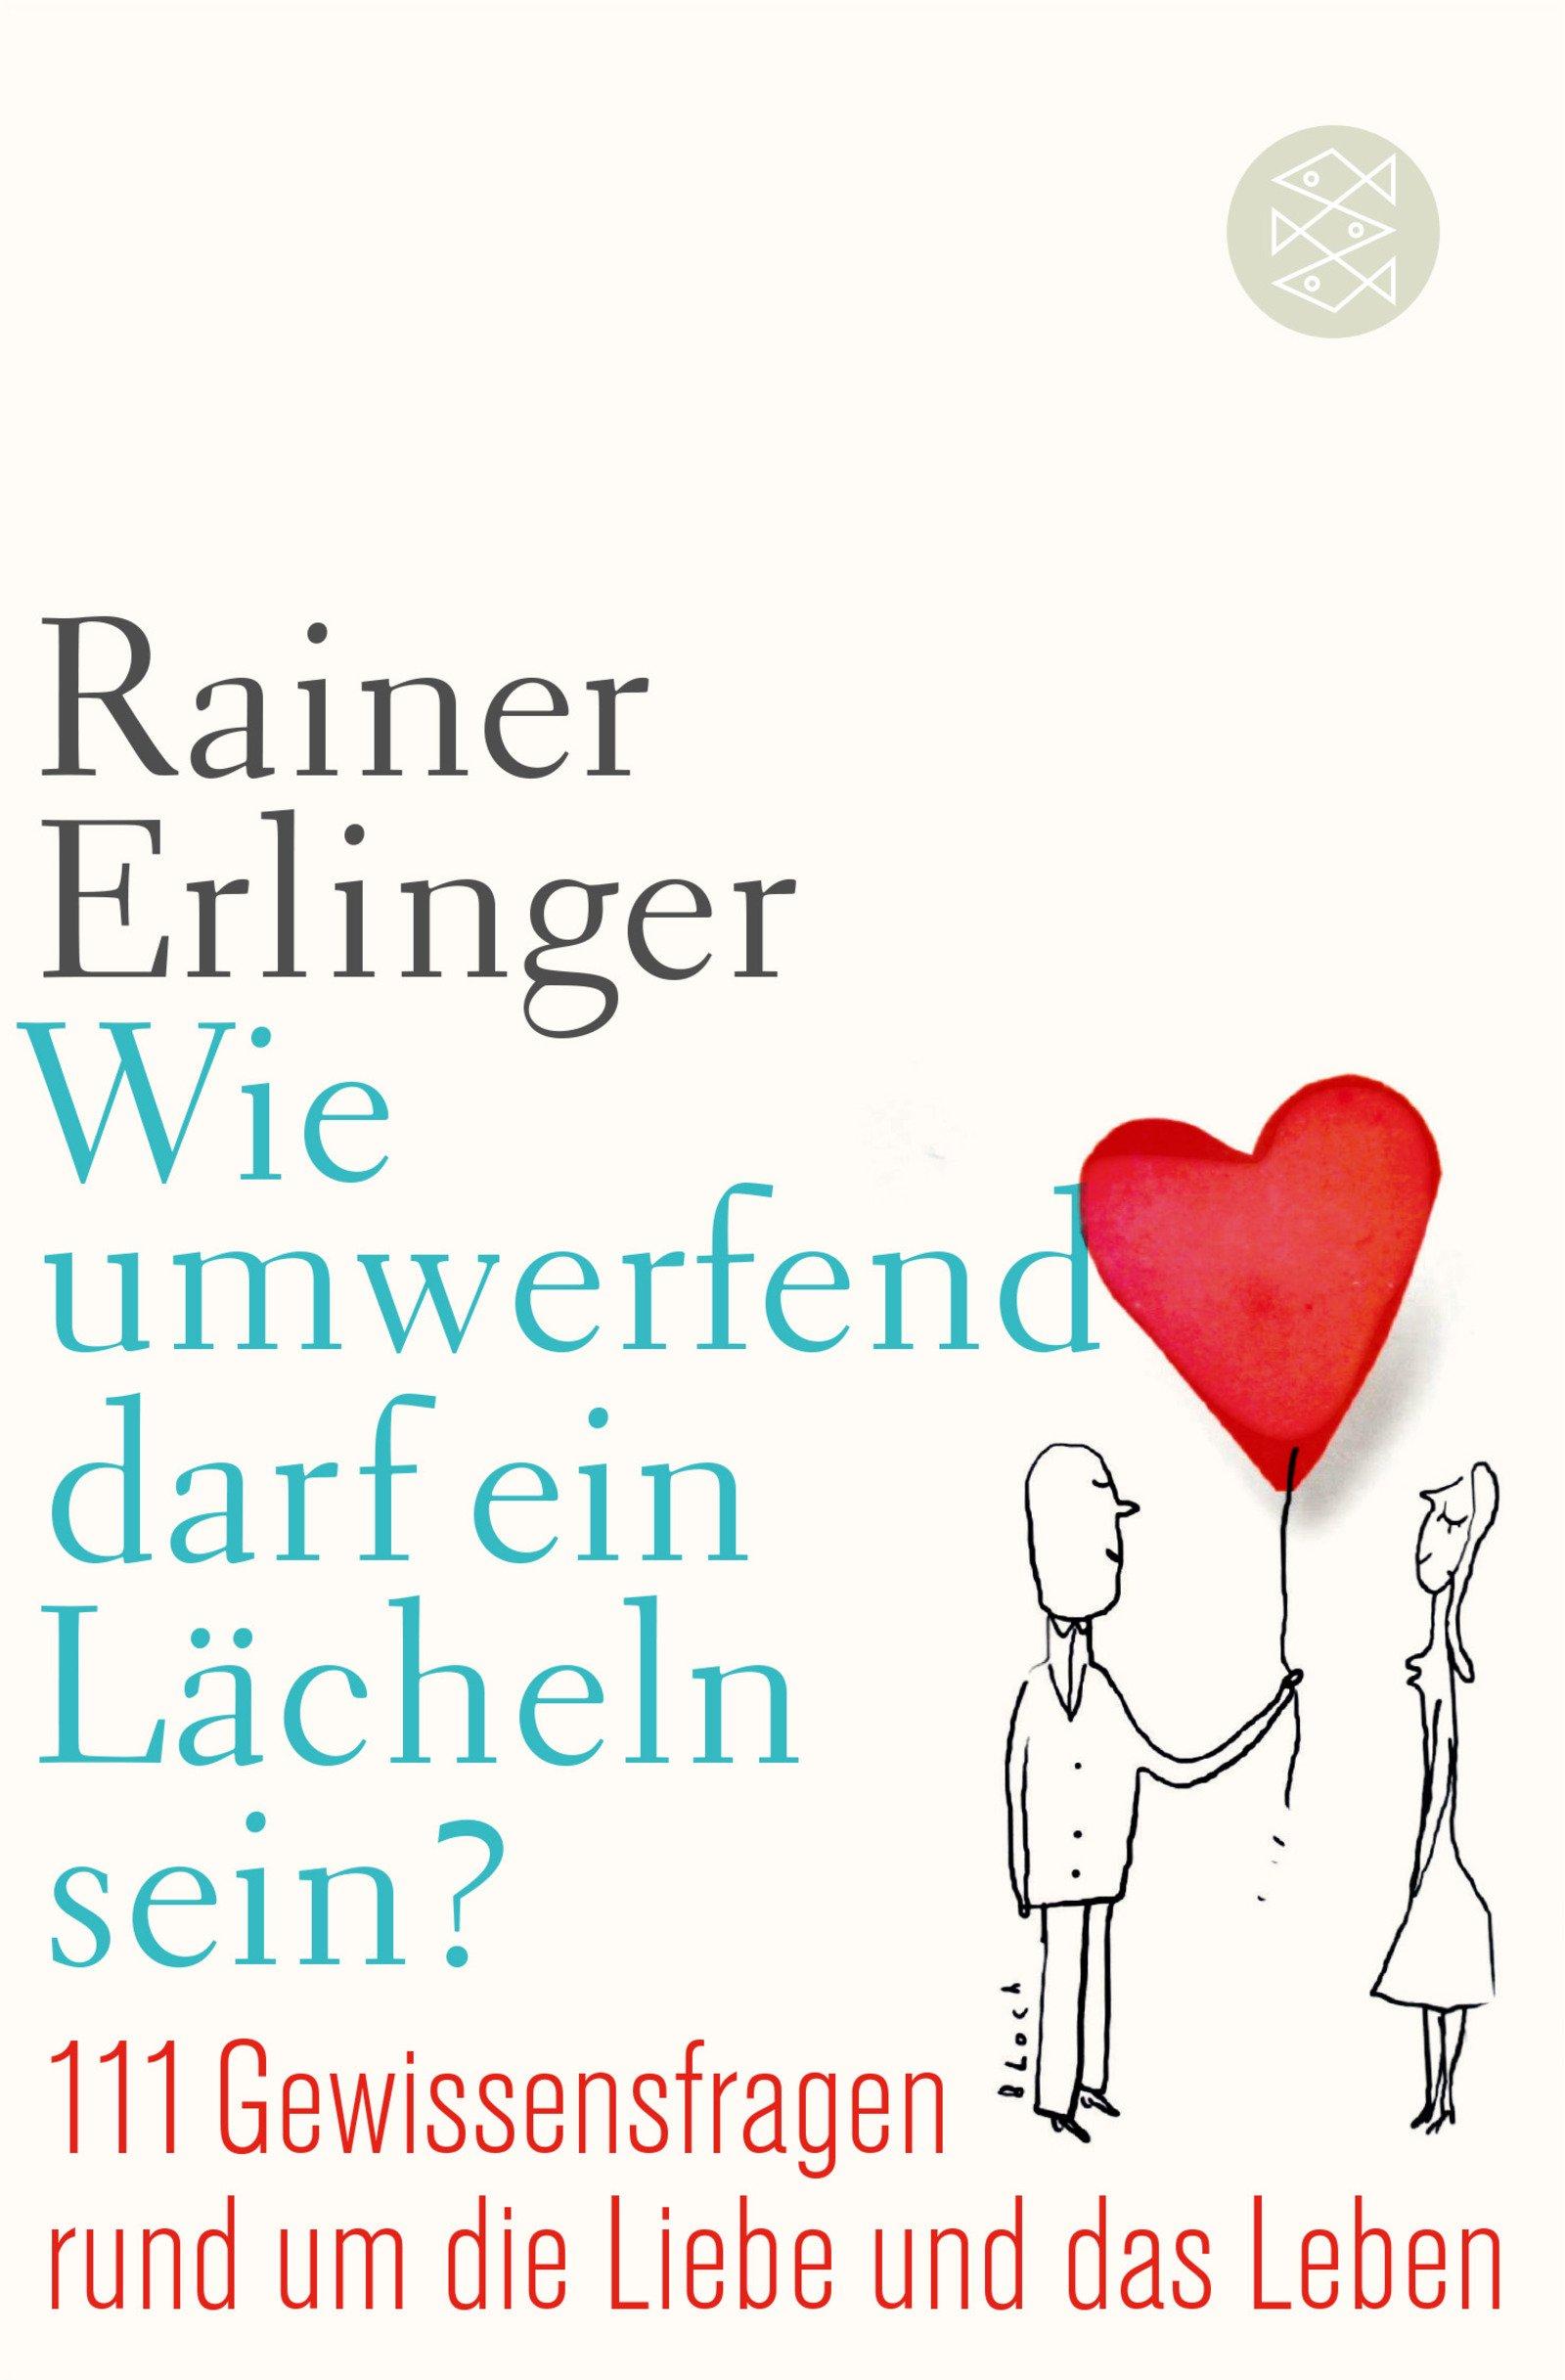 Wie umwerfend darf ein Lächeln sein?: 111 Gewissensfragen rund um die Liebe und das Leben Taschenbuch – 25. Juli 2018 Rainer Erlinger FISCHER Taschenbuch 3596036941 Partnerschaft